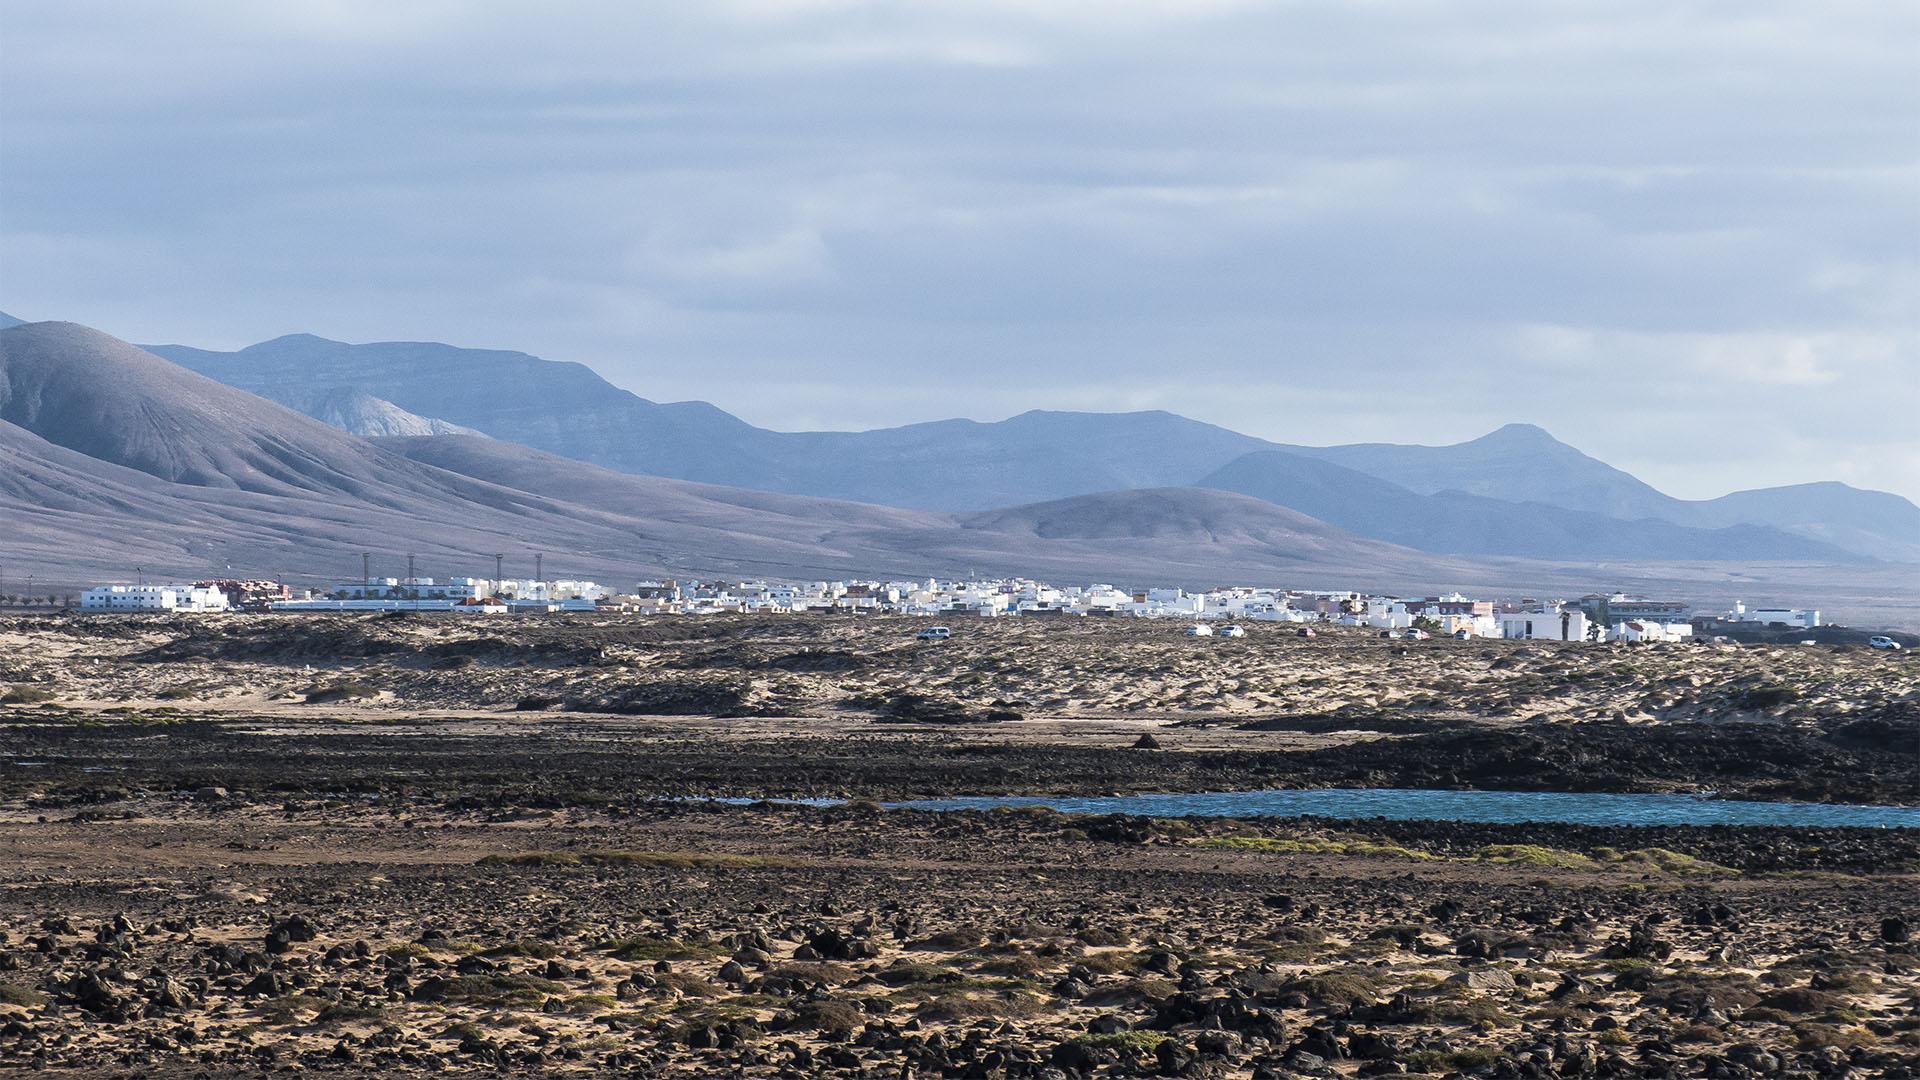 Wandern + Trekking auf Fuerteventura: Von El Cotillo zum Faro de Tostón.